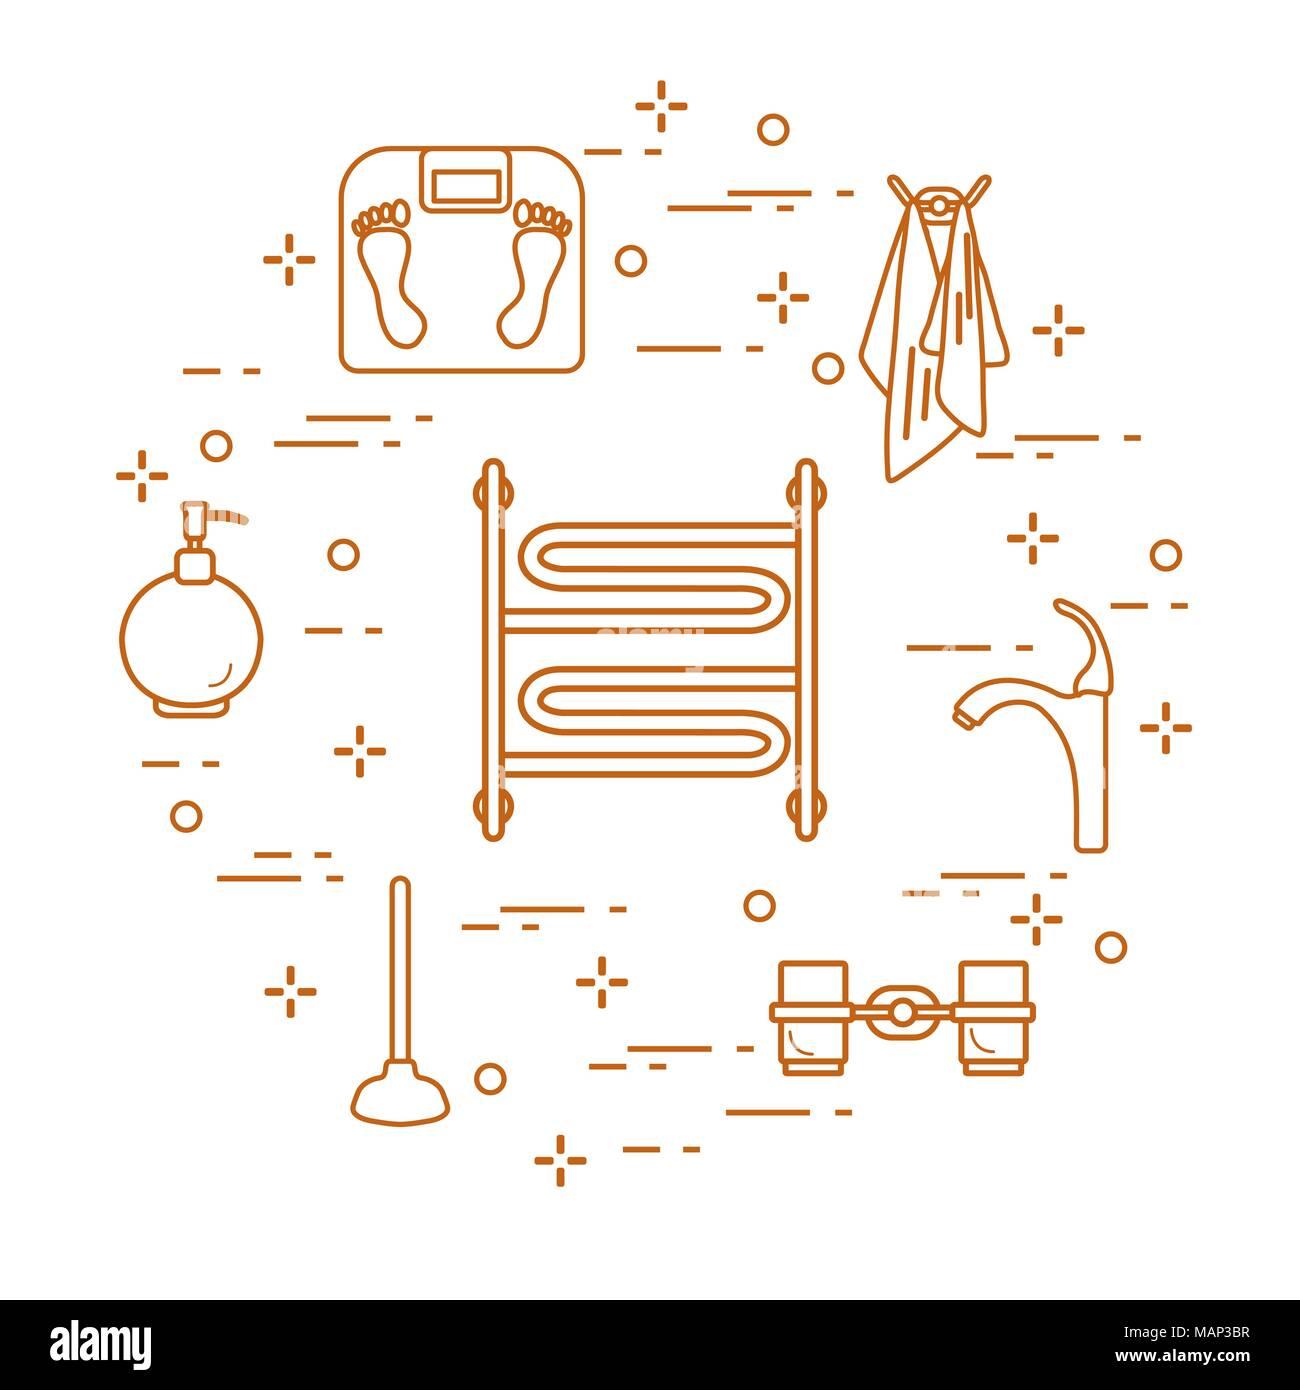 Badezimmer Elemente Waagen Handtuchwärmer Wasserhahn Kolben